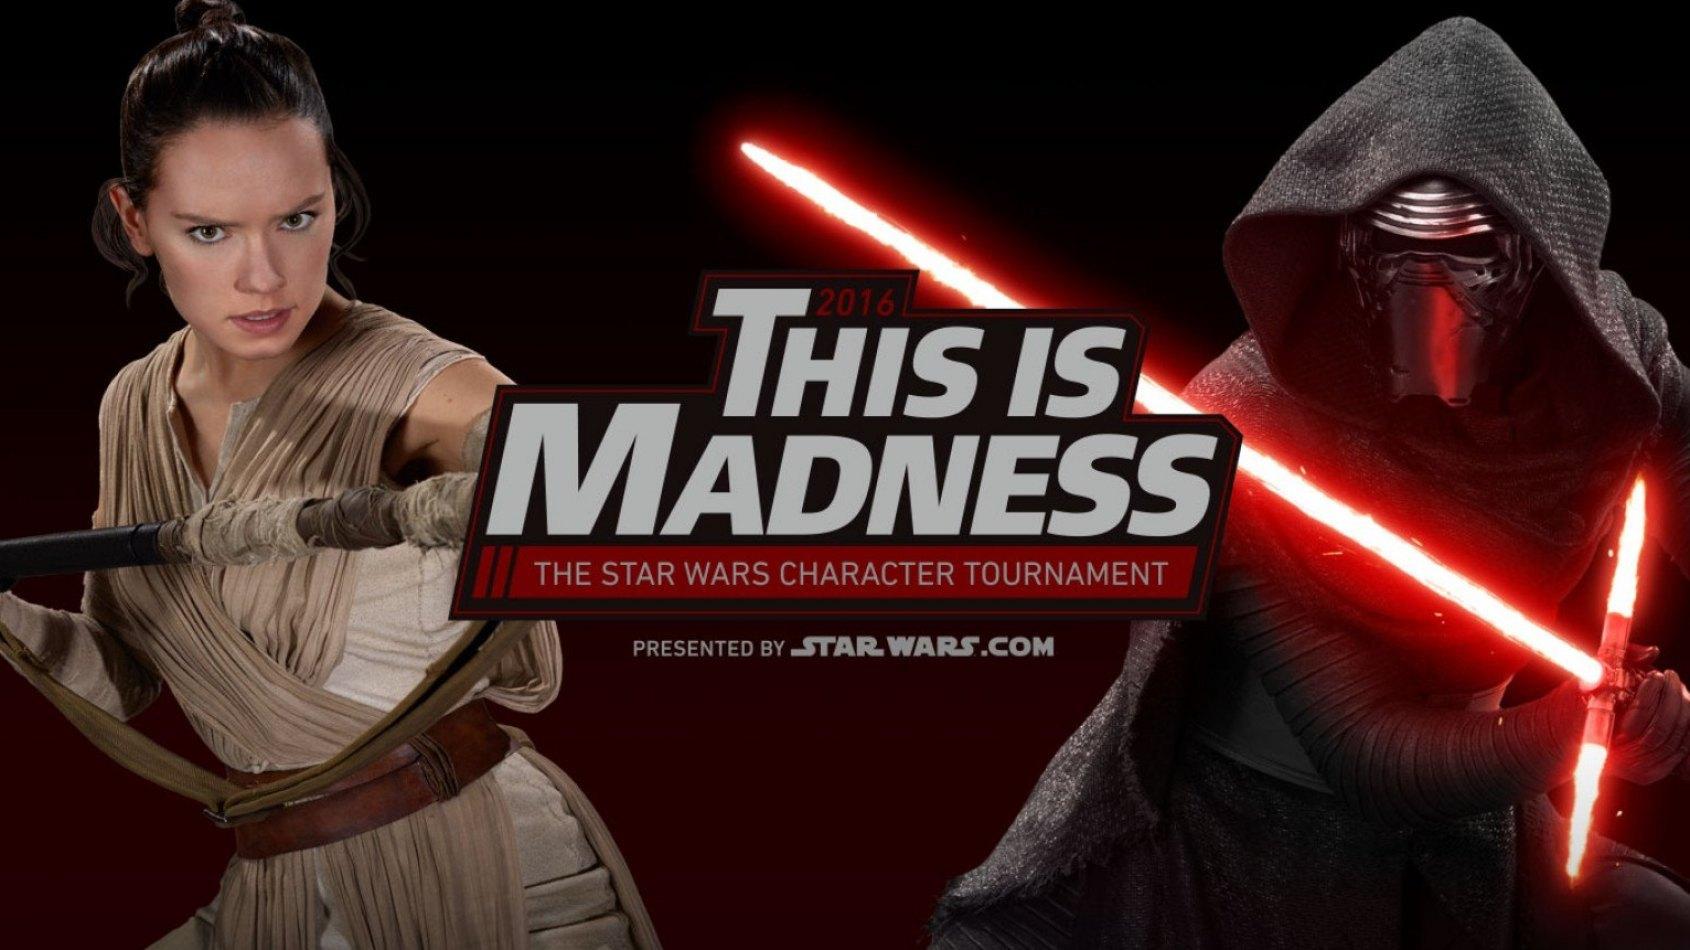 Le retour du tournoi Star Wars